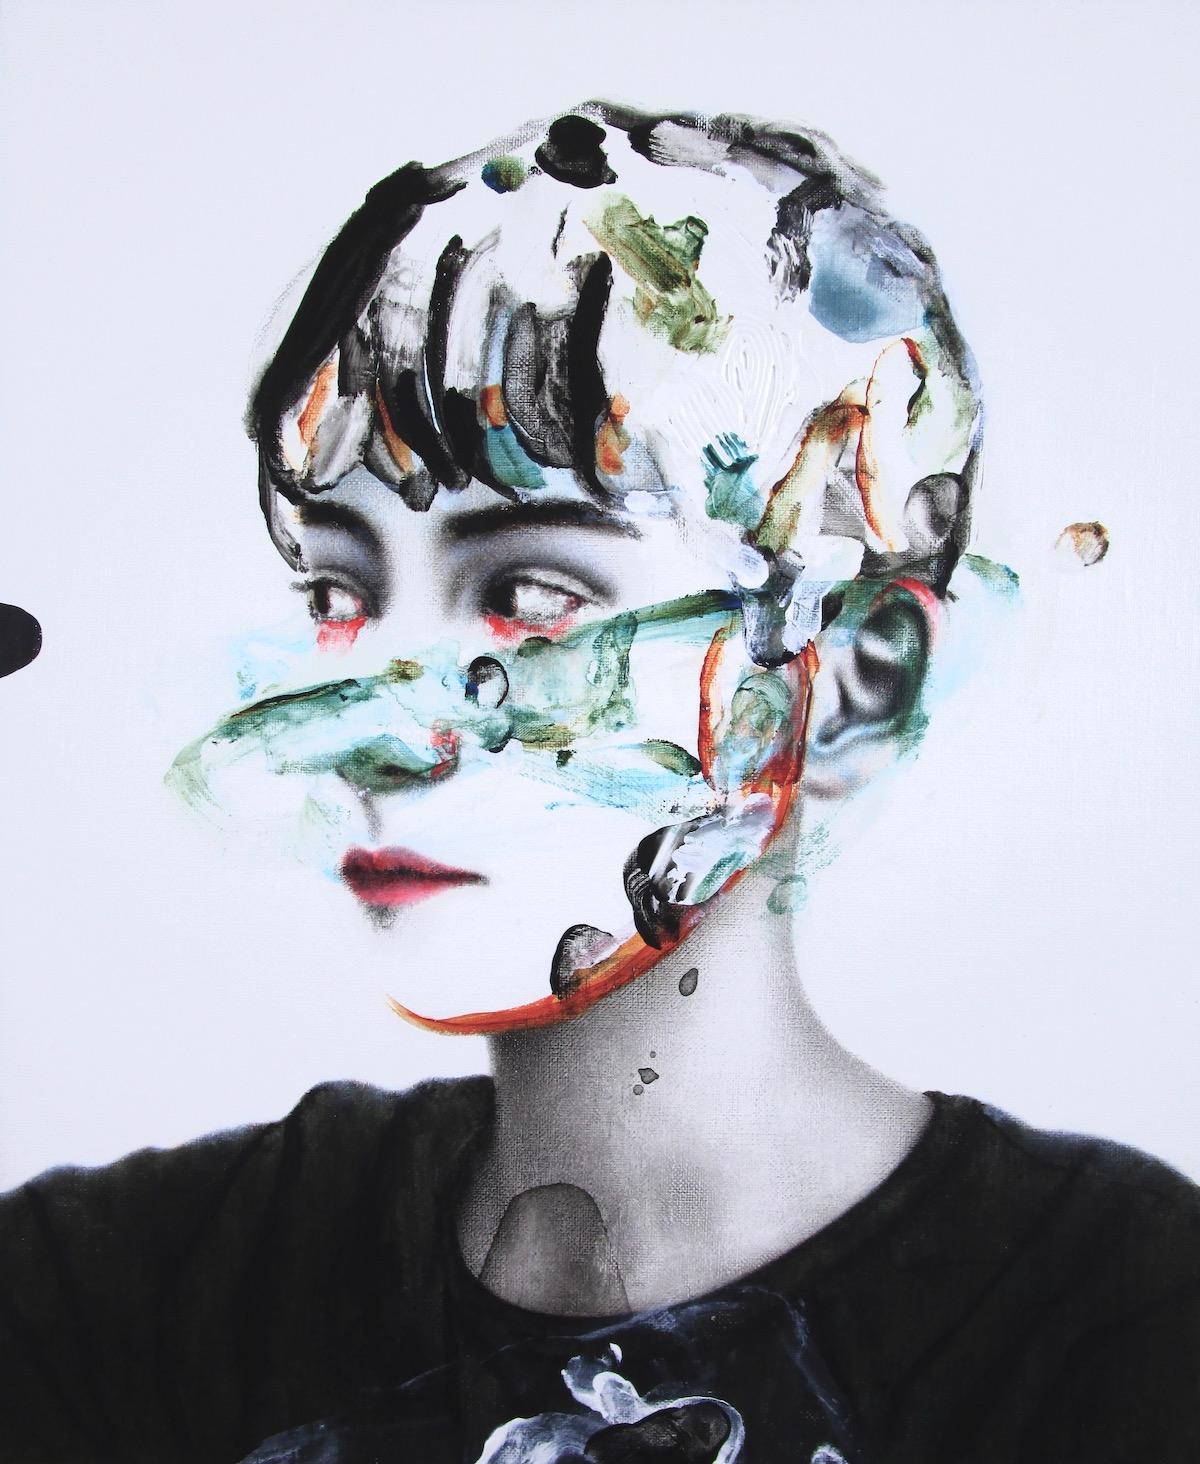 antoine cordet canvas toile peinture painting portrait art artist artiste peintre acrylic oil we'll escape yesterday